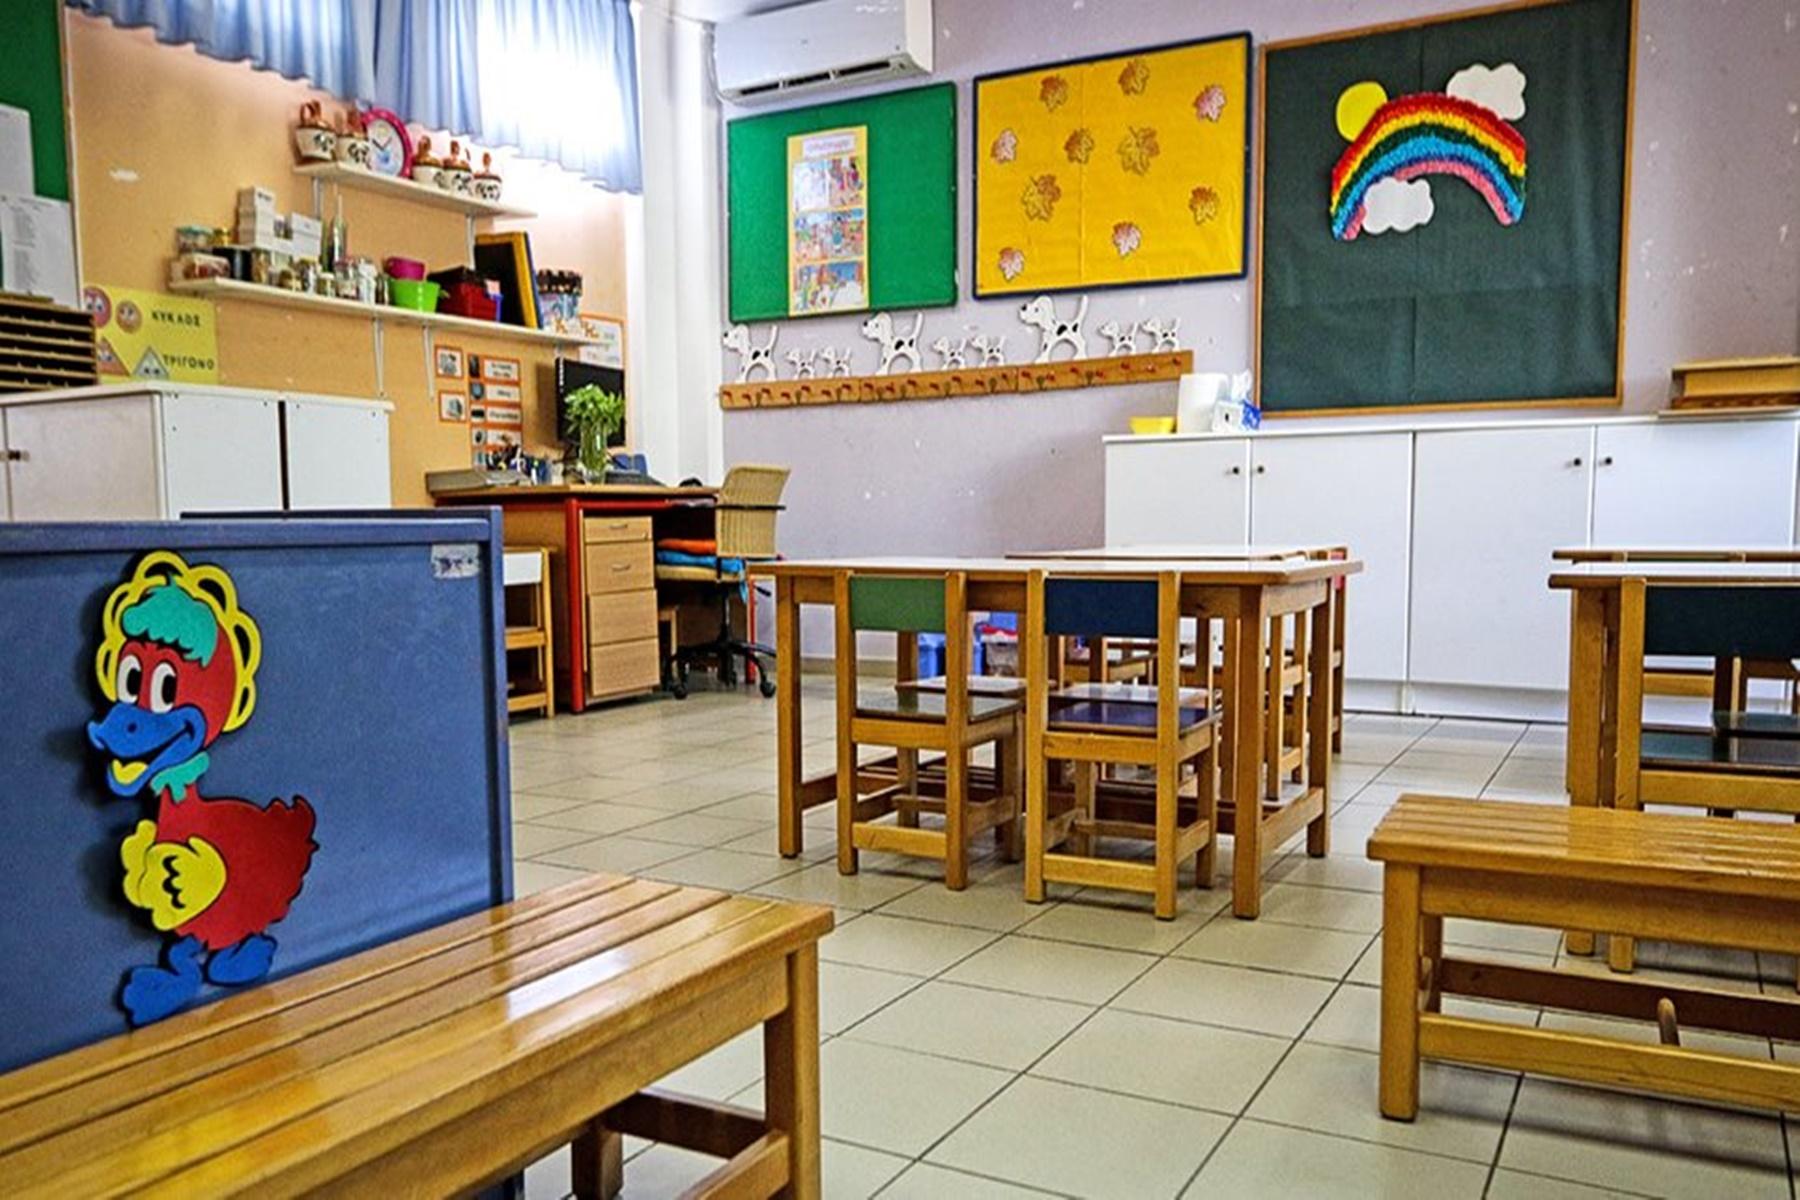 ΟΑΕΔ : Προσωρινά αποτελέσματα για τα μωρά που θα πάνε σε βρεφικούς